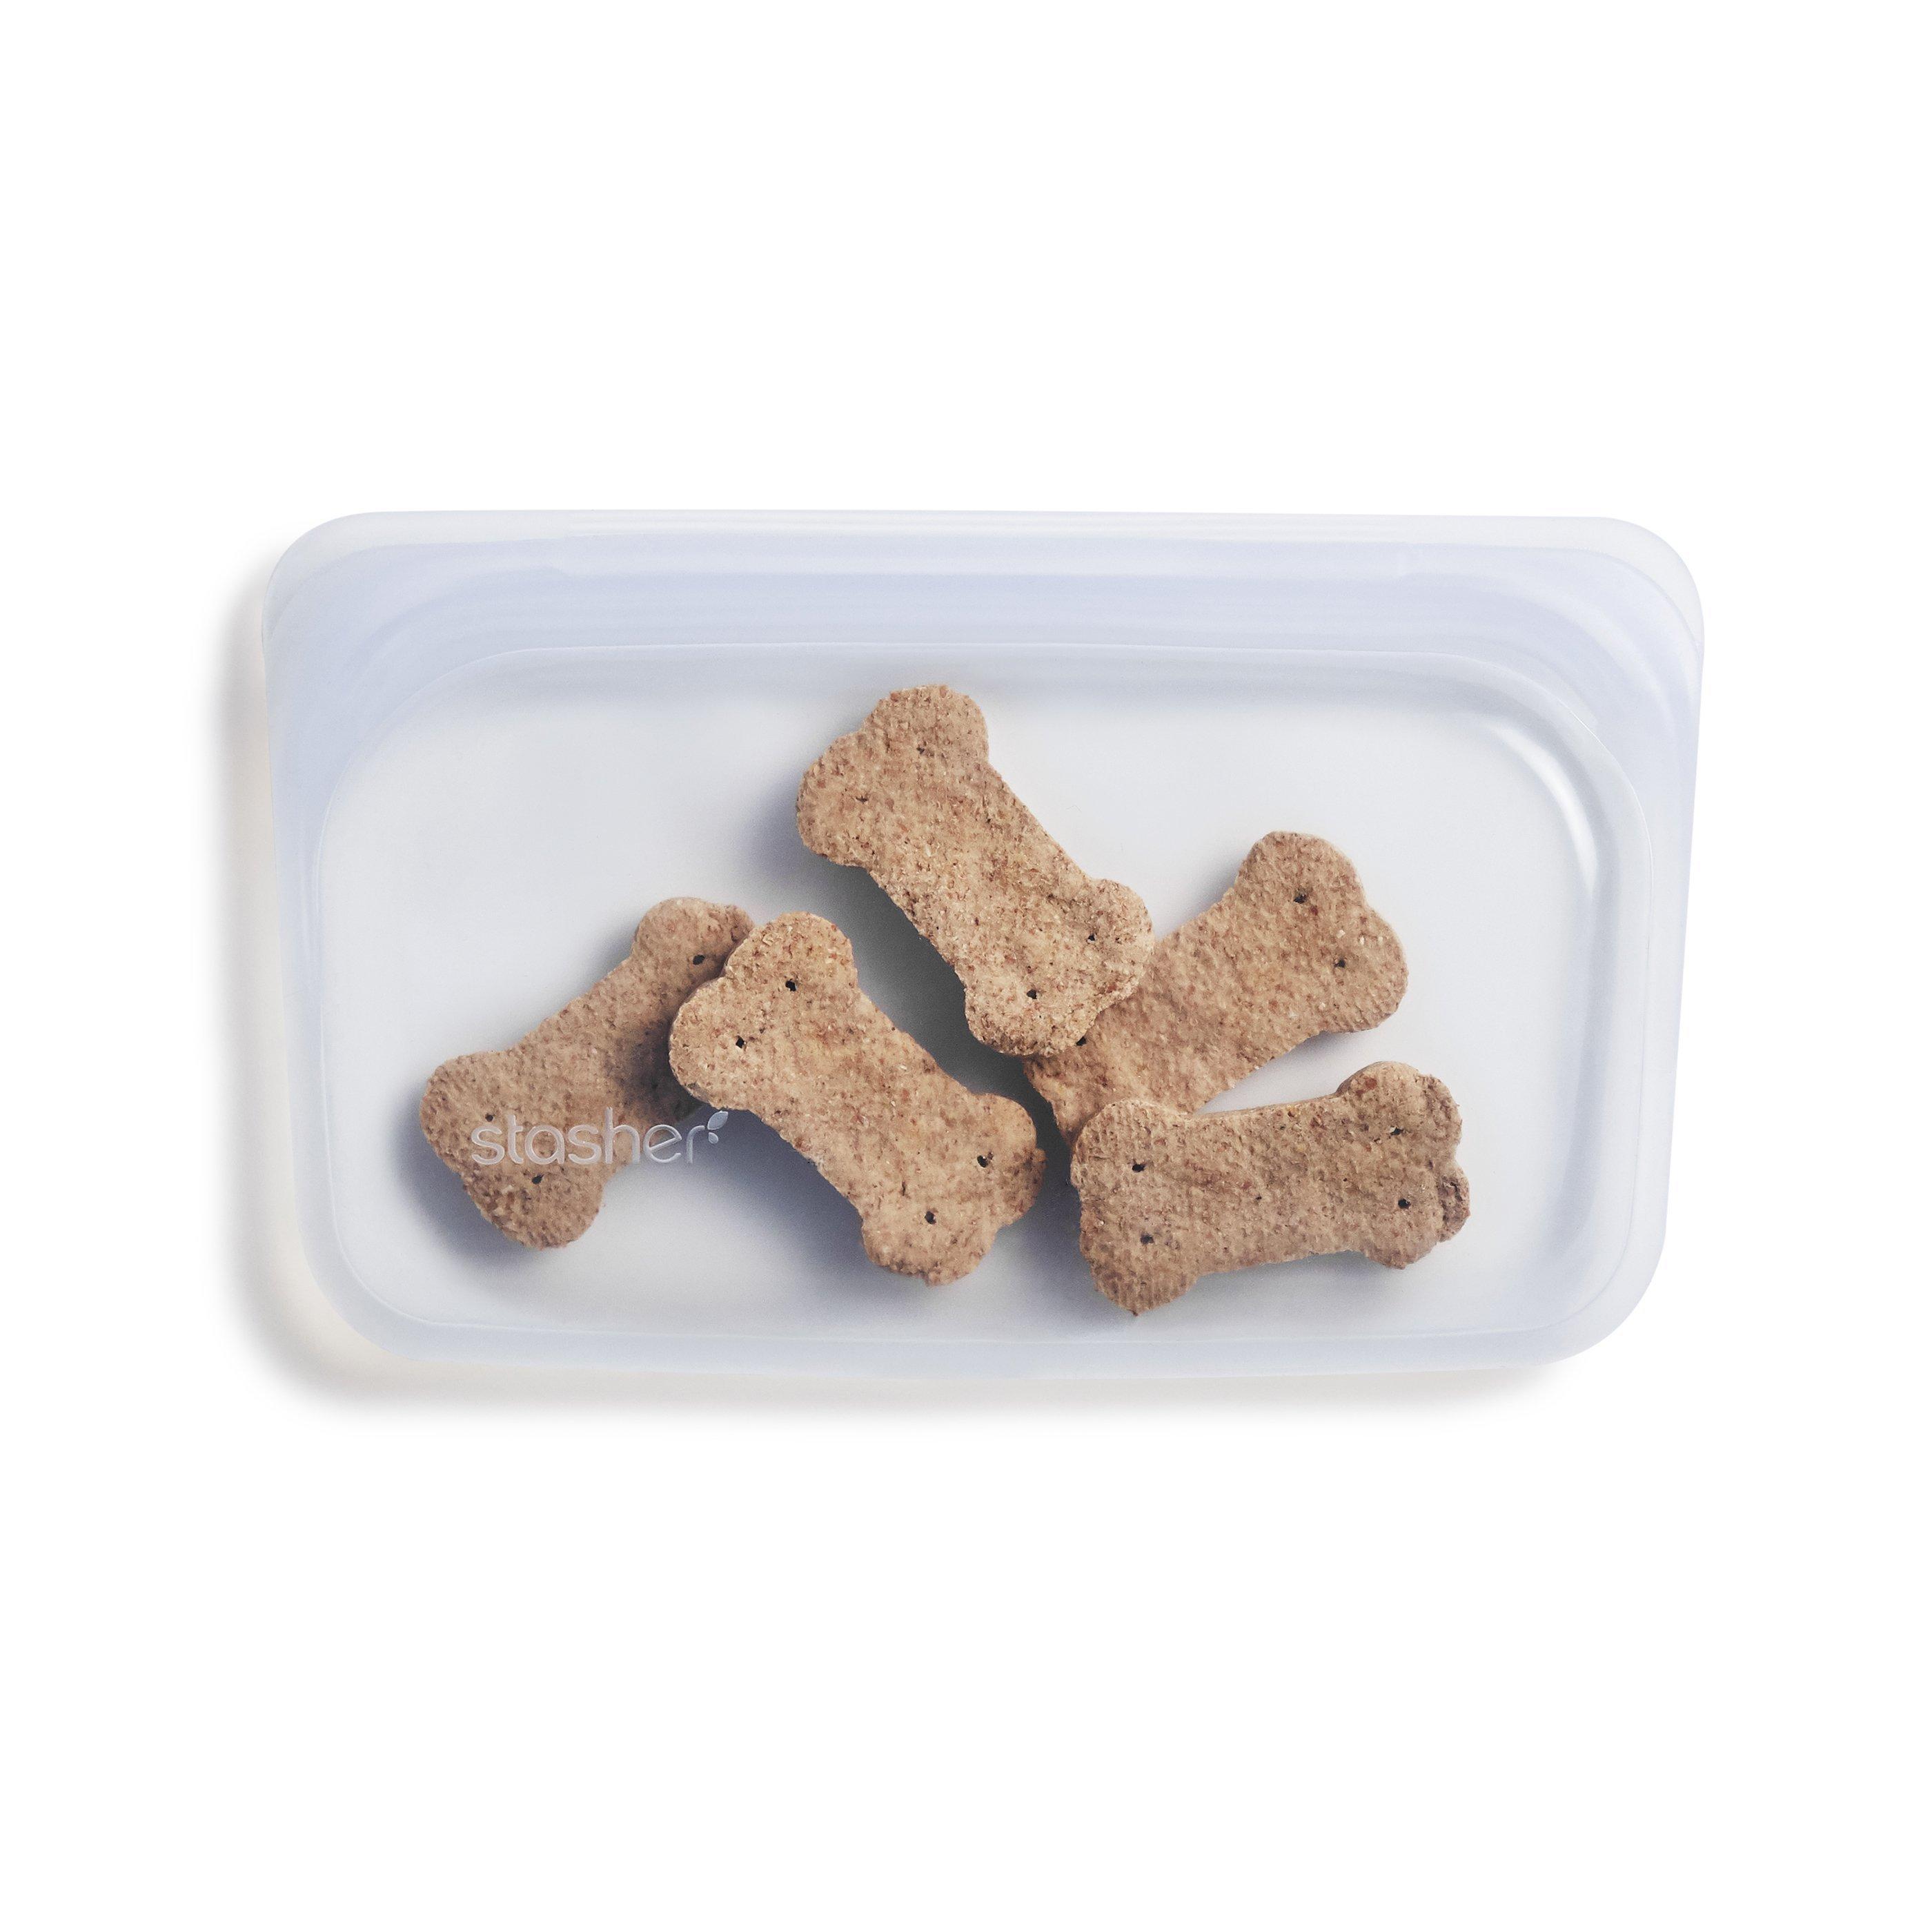 Daugkartinio-naudojimo-silikoninis-uzkandziu-maiselis-skaidrus-5c9486fc63905